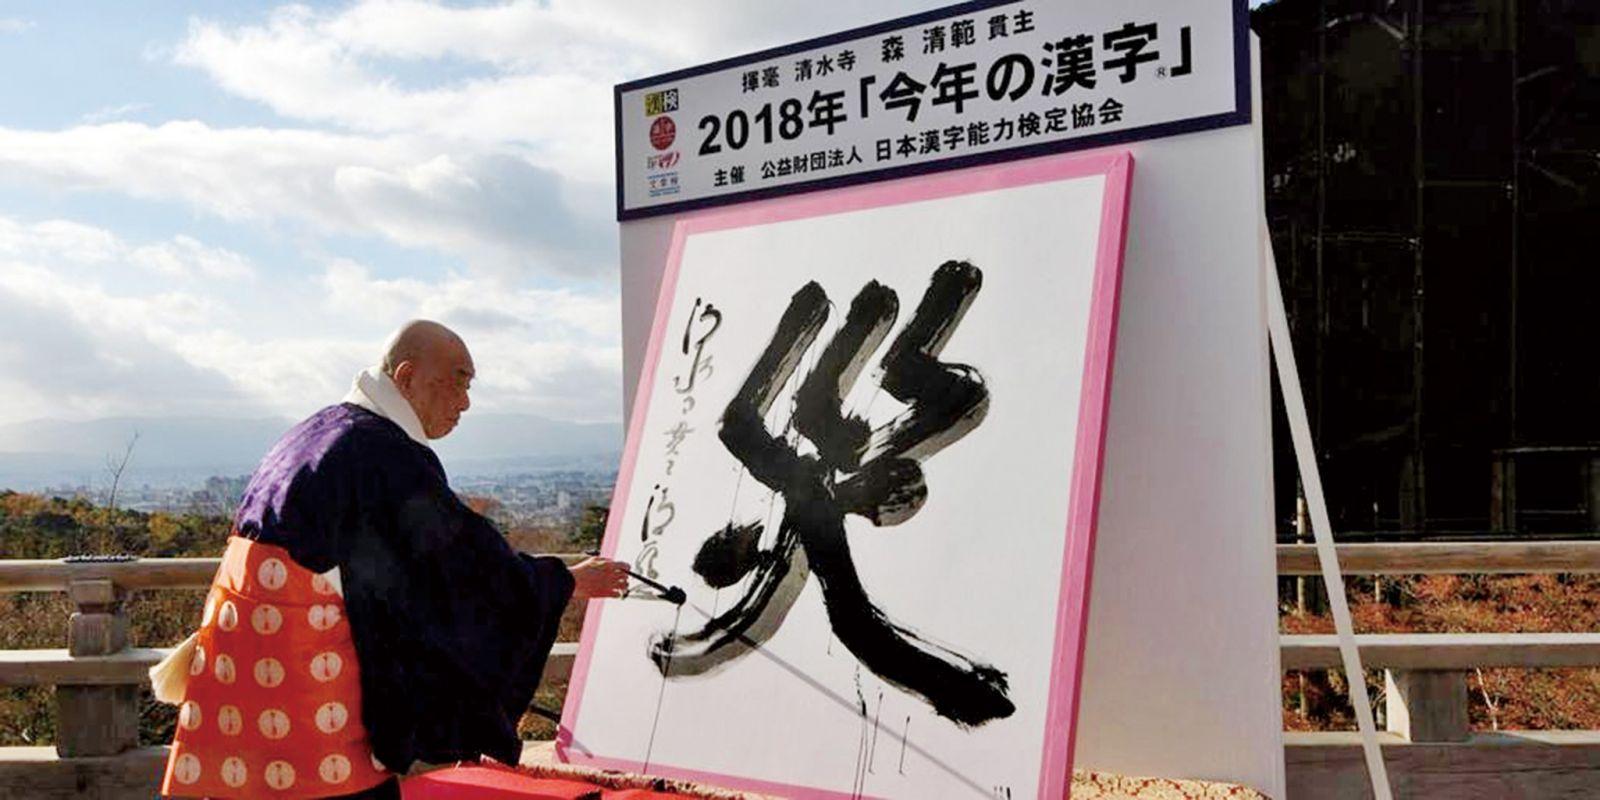 「災」被選為年度漢字